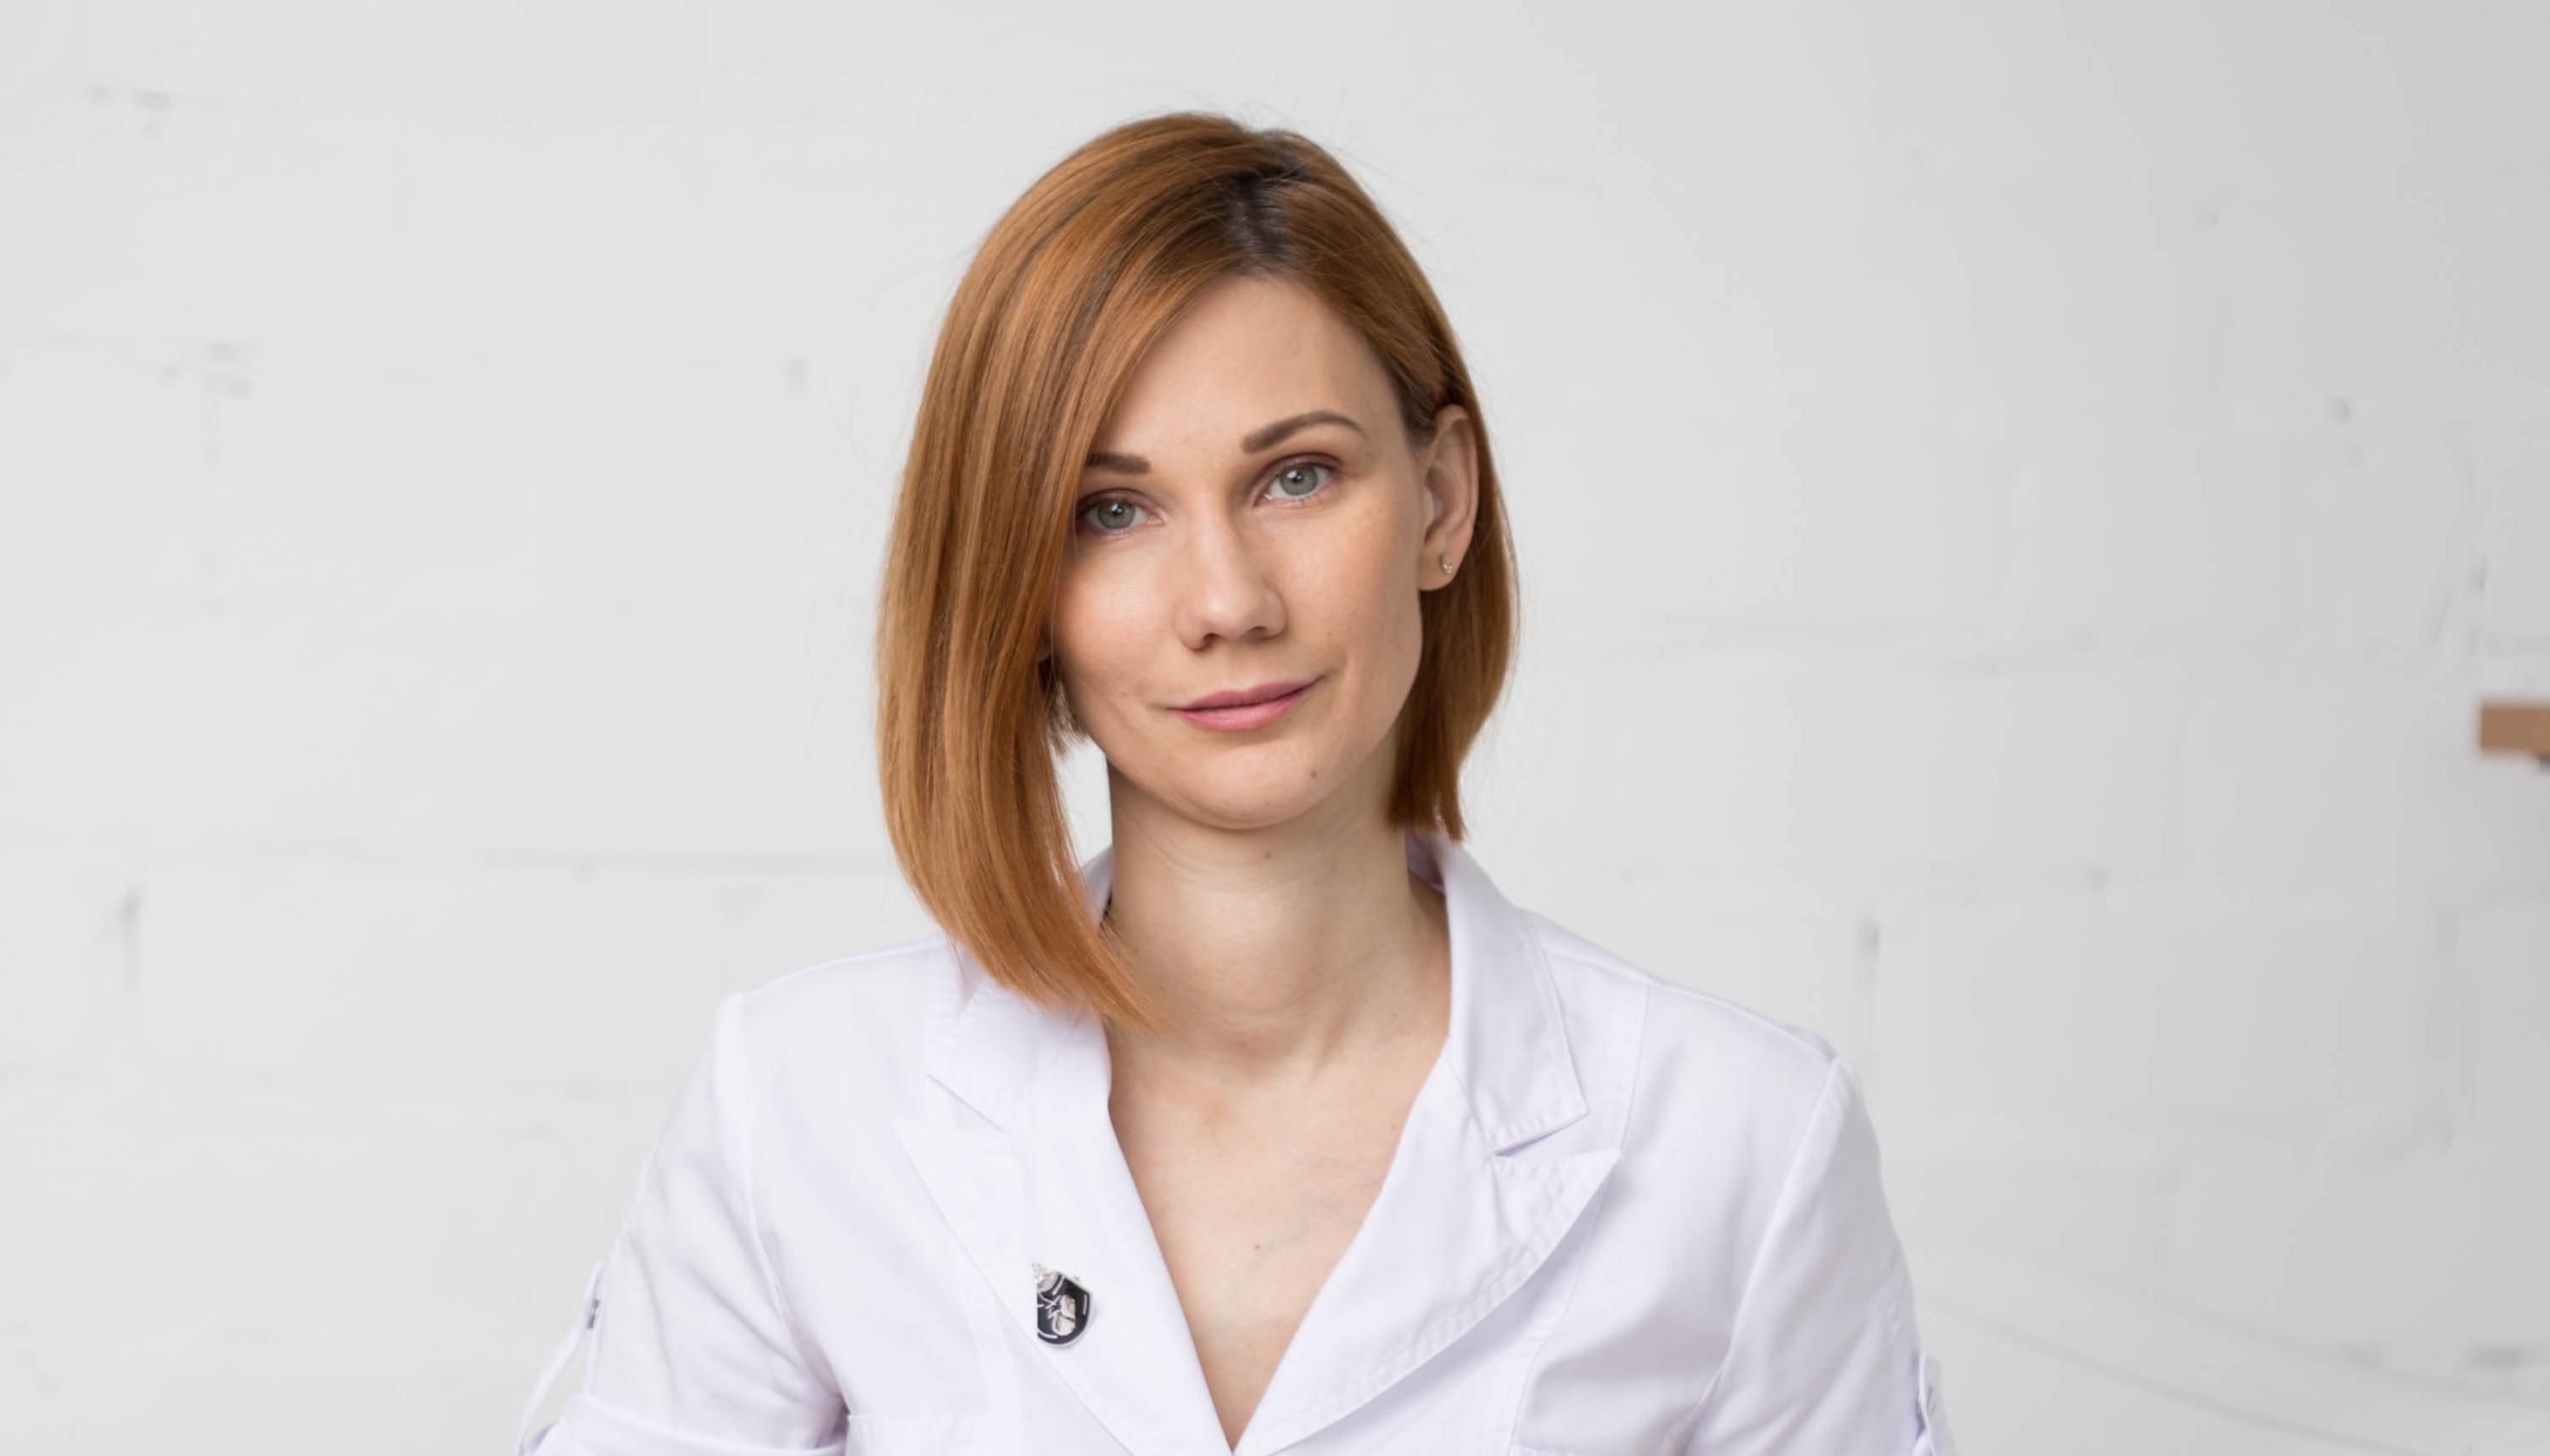 Елена Лейхнер, акушер-гинеколог, кандидат медицинских наук